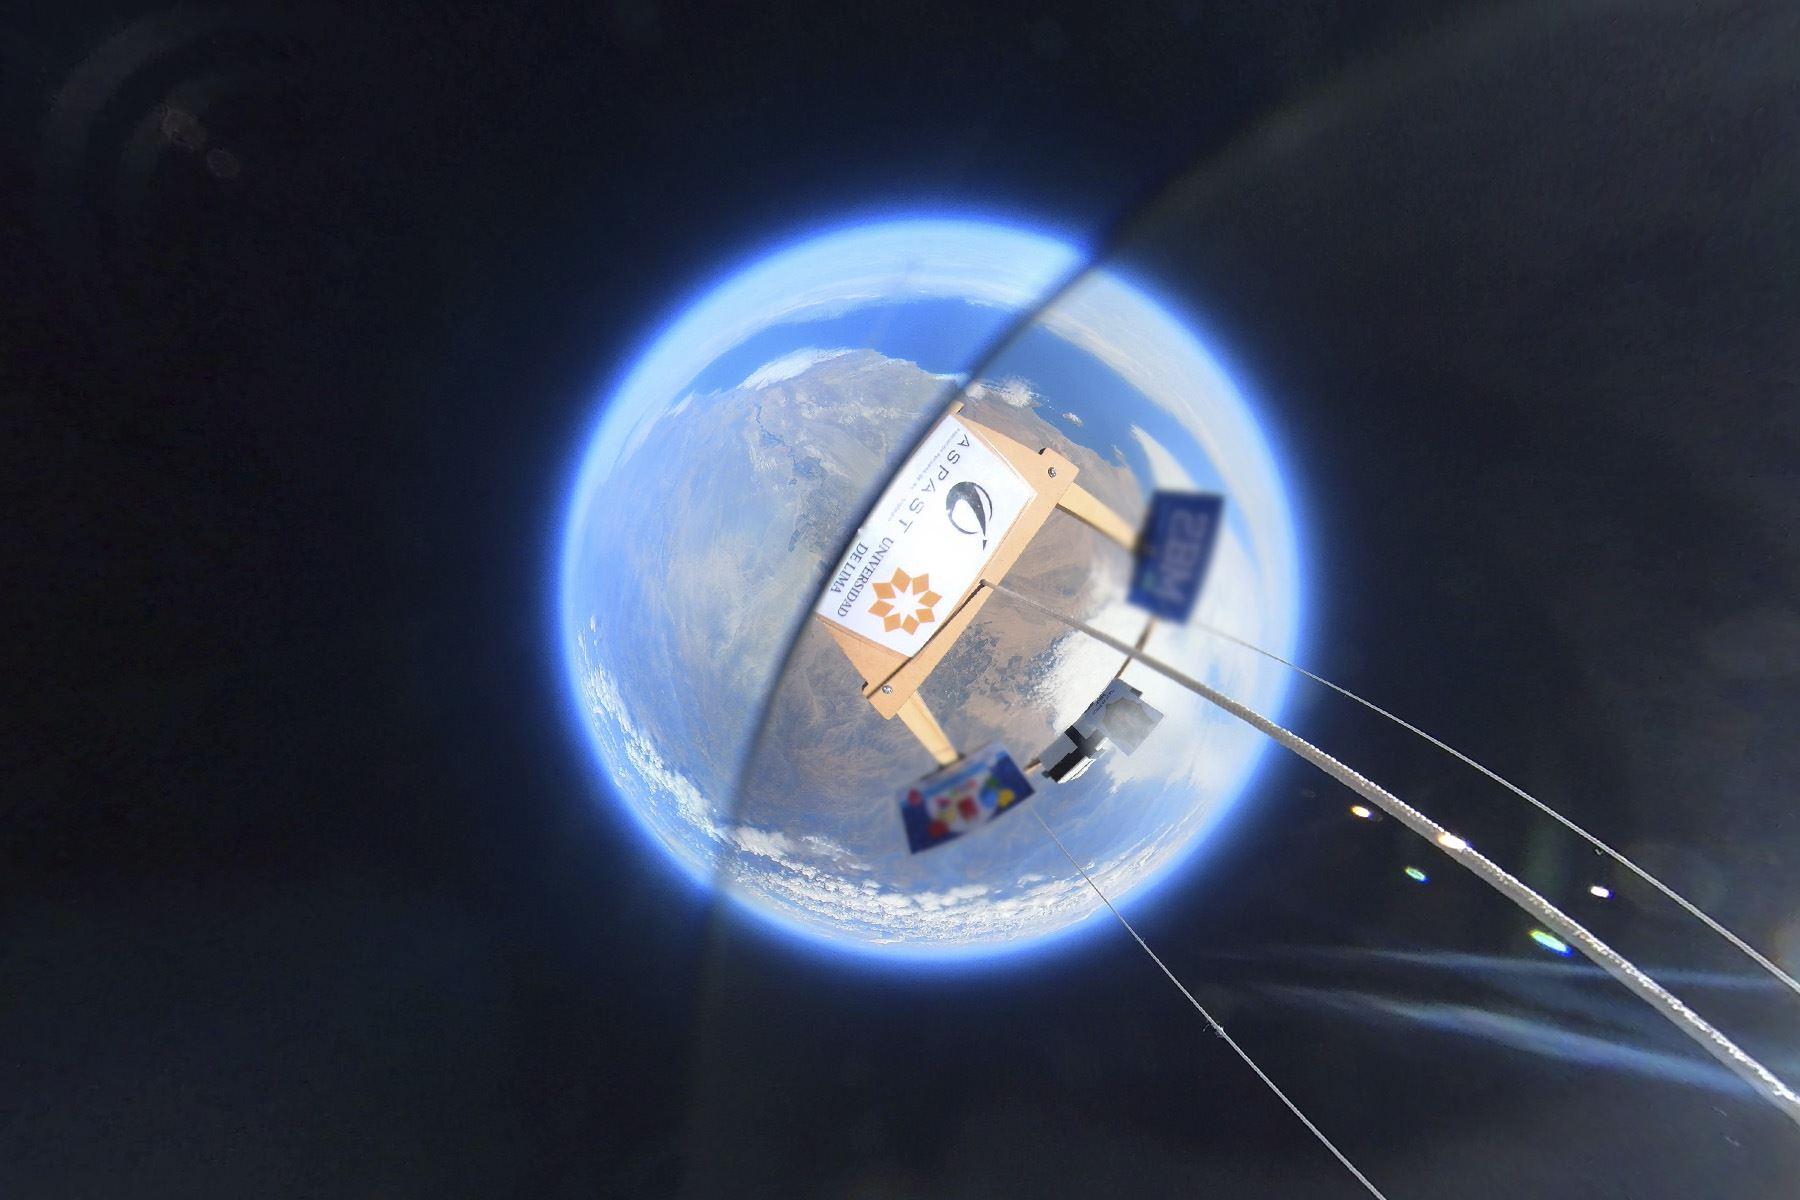 Para el lanzamiento se colocaron muestras de un liquen que se recolectaron de la zona desértica de Ica. Foto: Proyecto Estratósfera